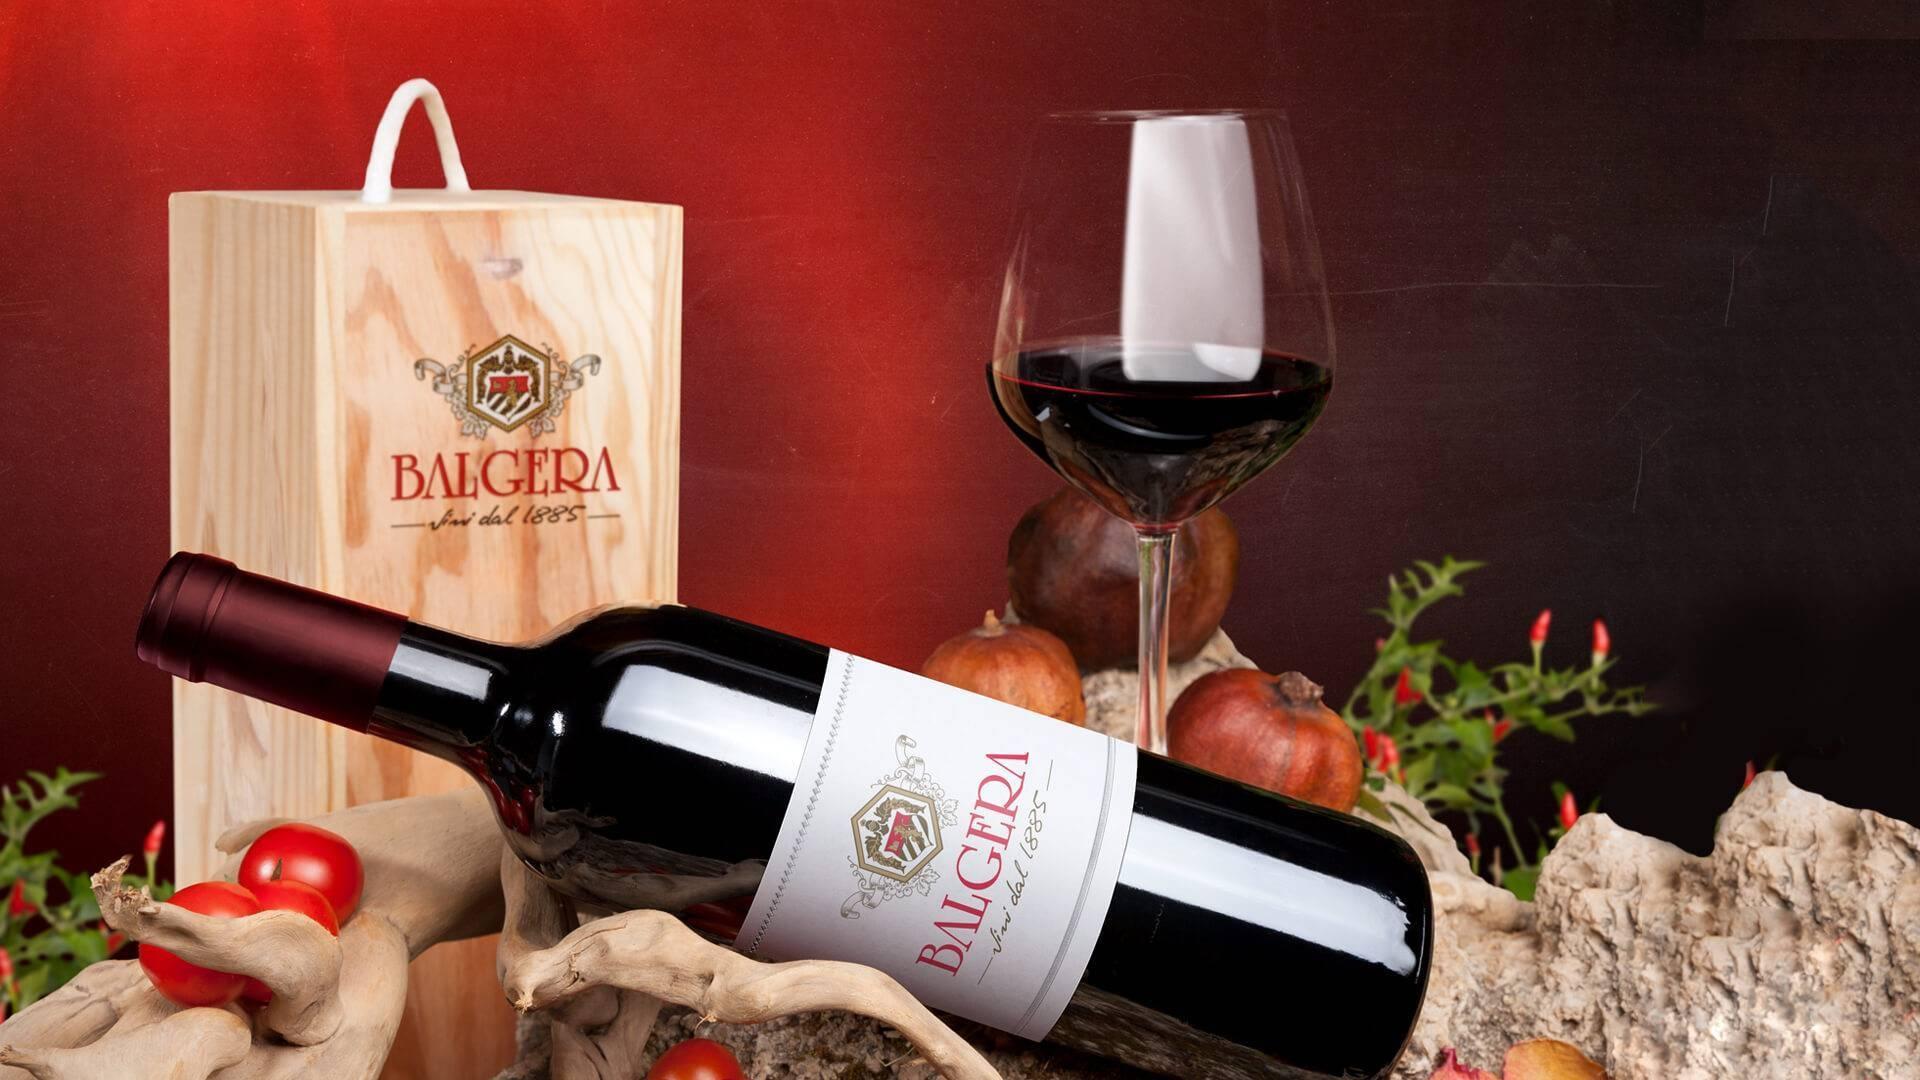 Logo Balgera vini